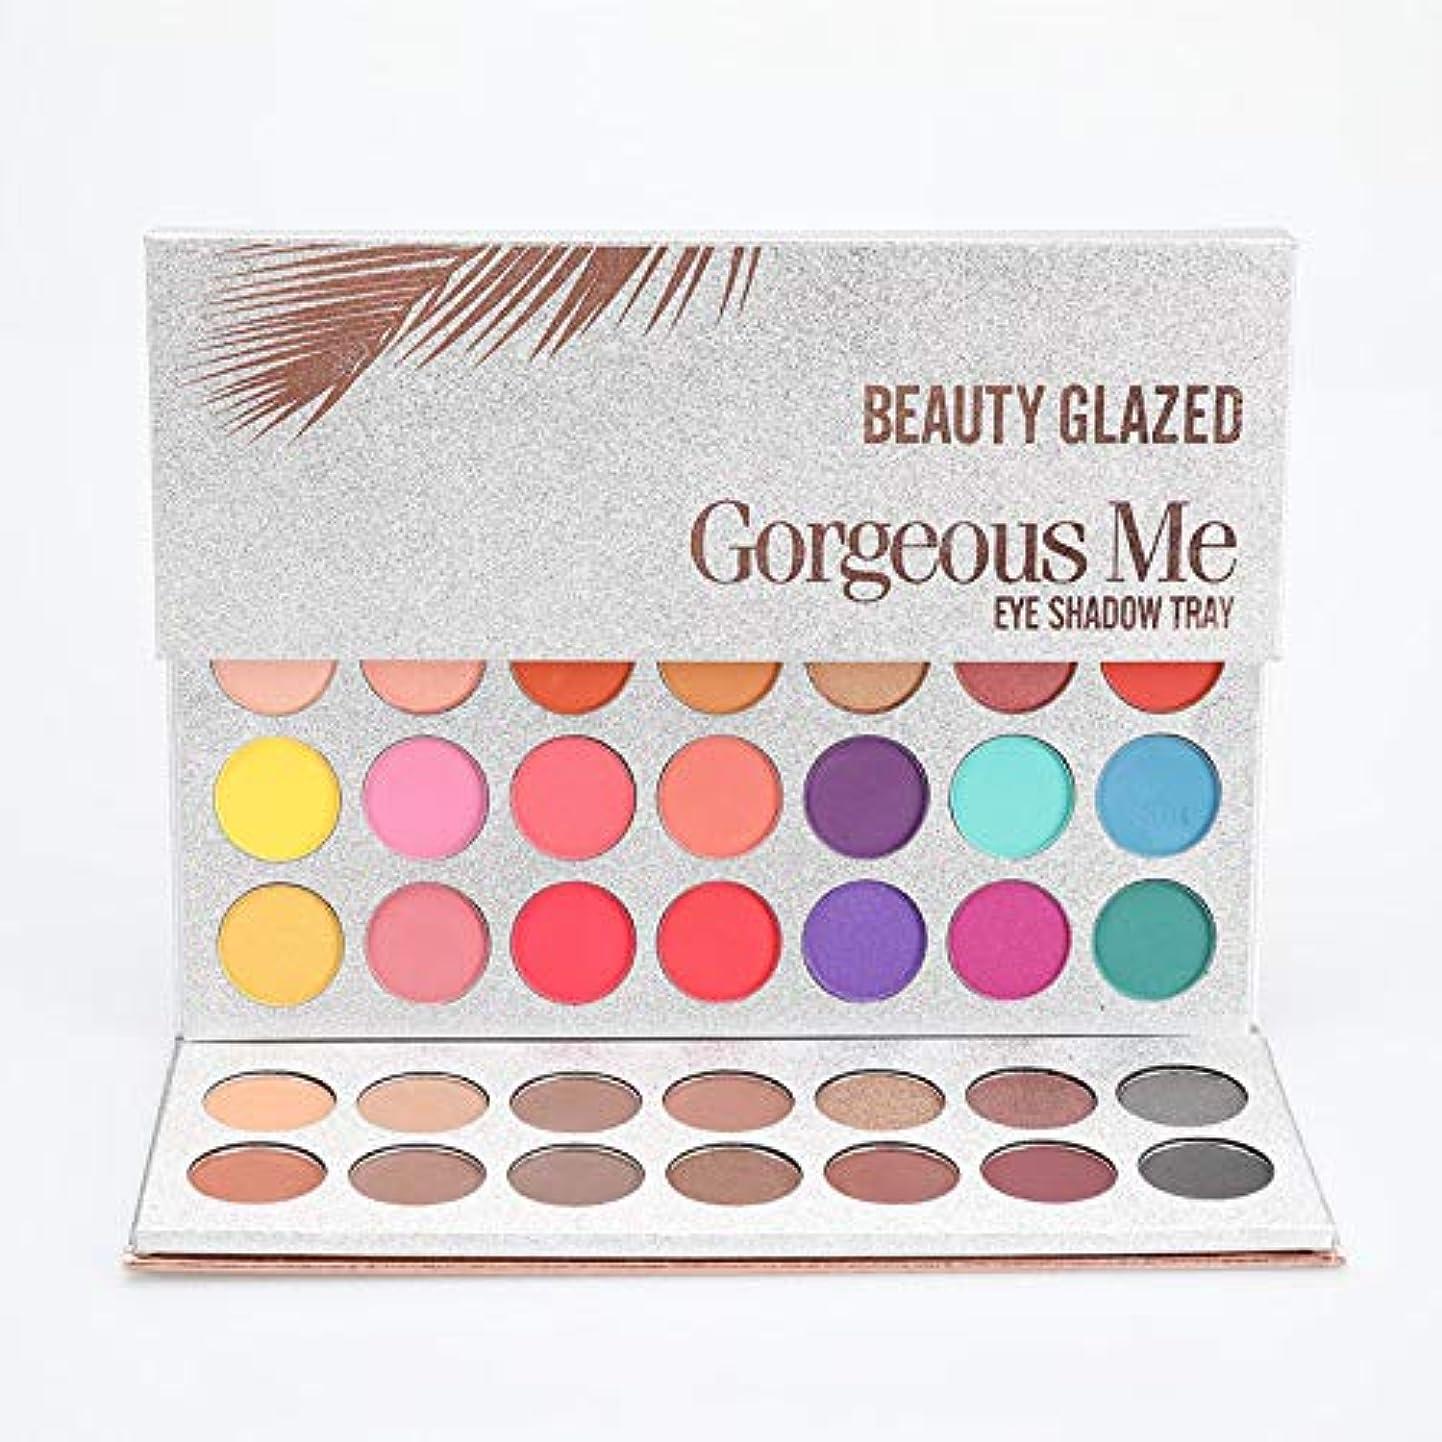 天国確率無し63 Color eyeshadow pallete Glitter Makeup Matte Eye shadow make up palette maquillage paleta de sombra 63色のアイシャドーパレエキラキラメイクアップマットアイシャドウメイクアップパレットマキアージュパレタデムブラブ